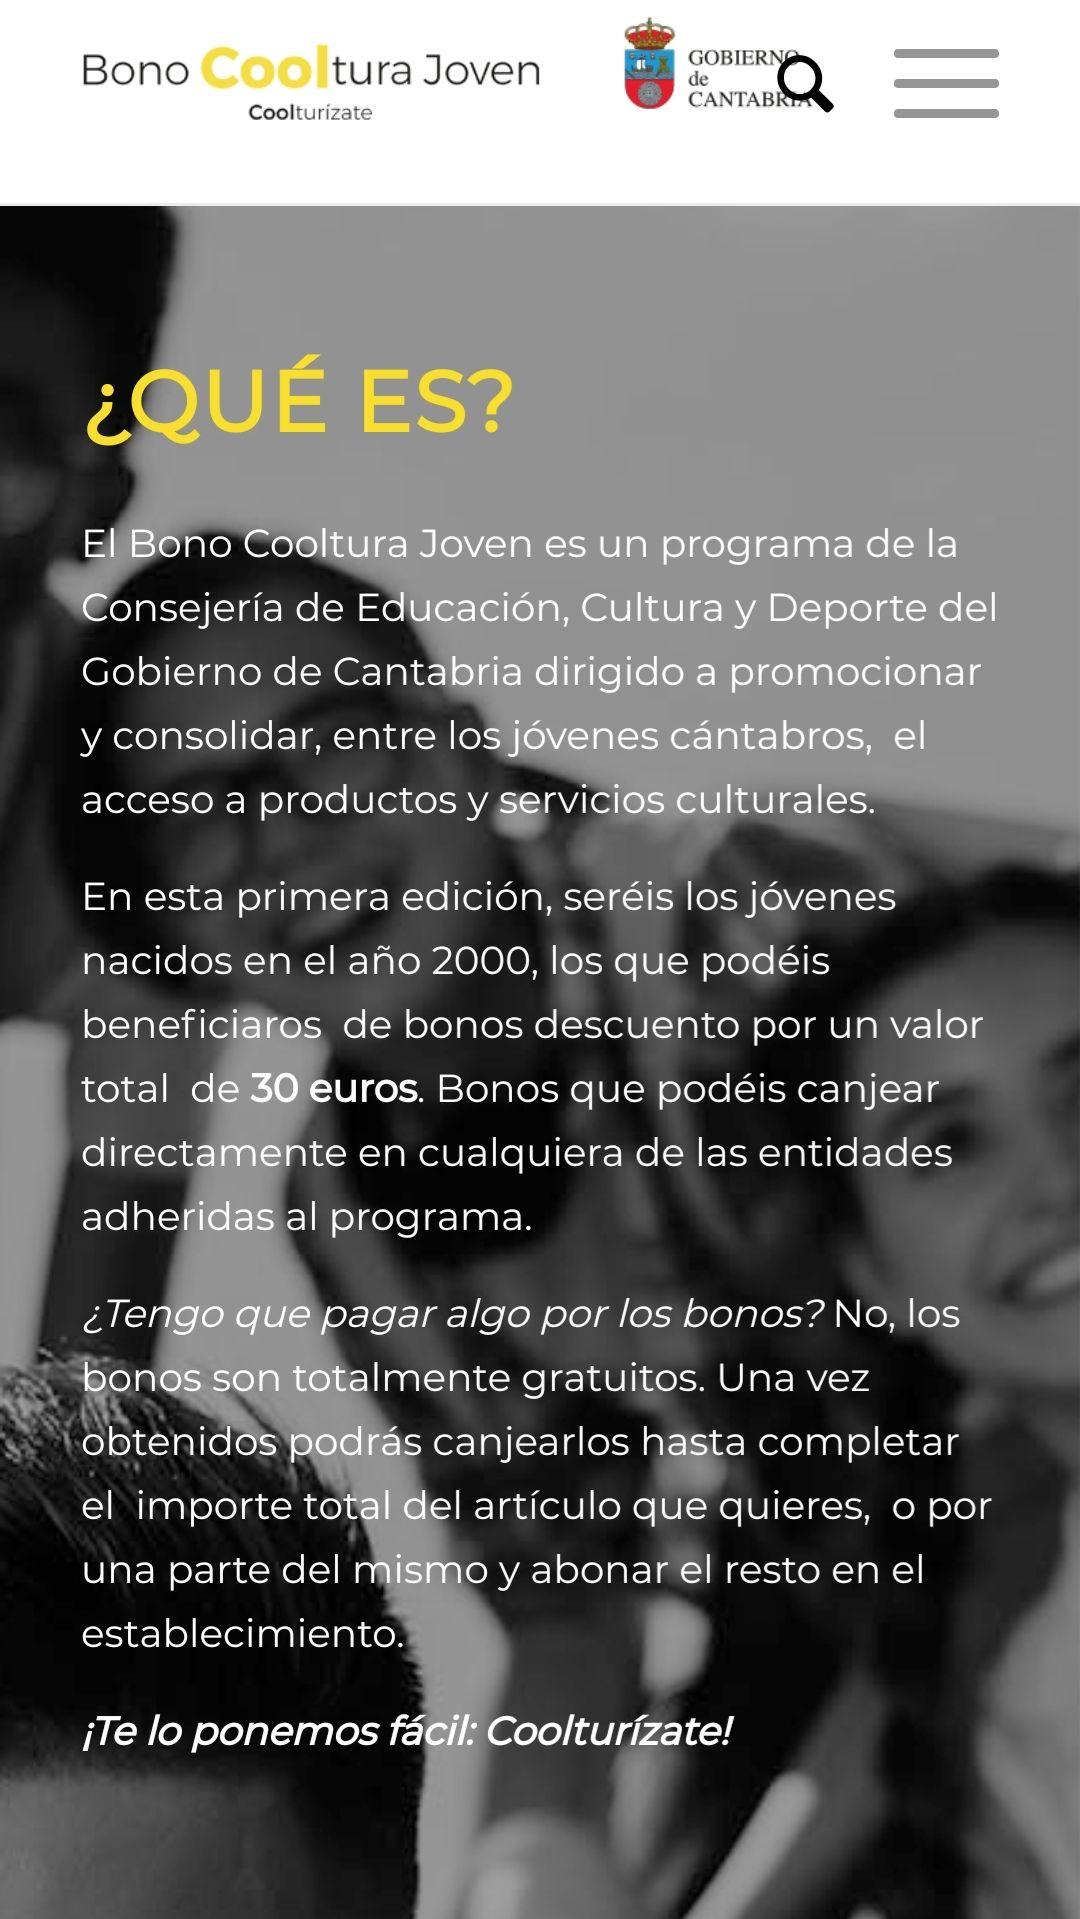 BONO GRATIS DE 30€ PARA JÓVENES DEL 2000  EN CANTABRIA